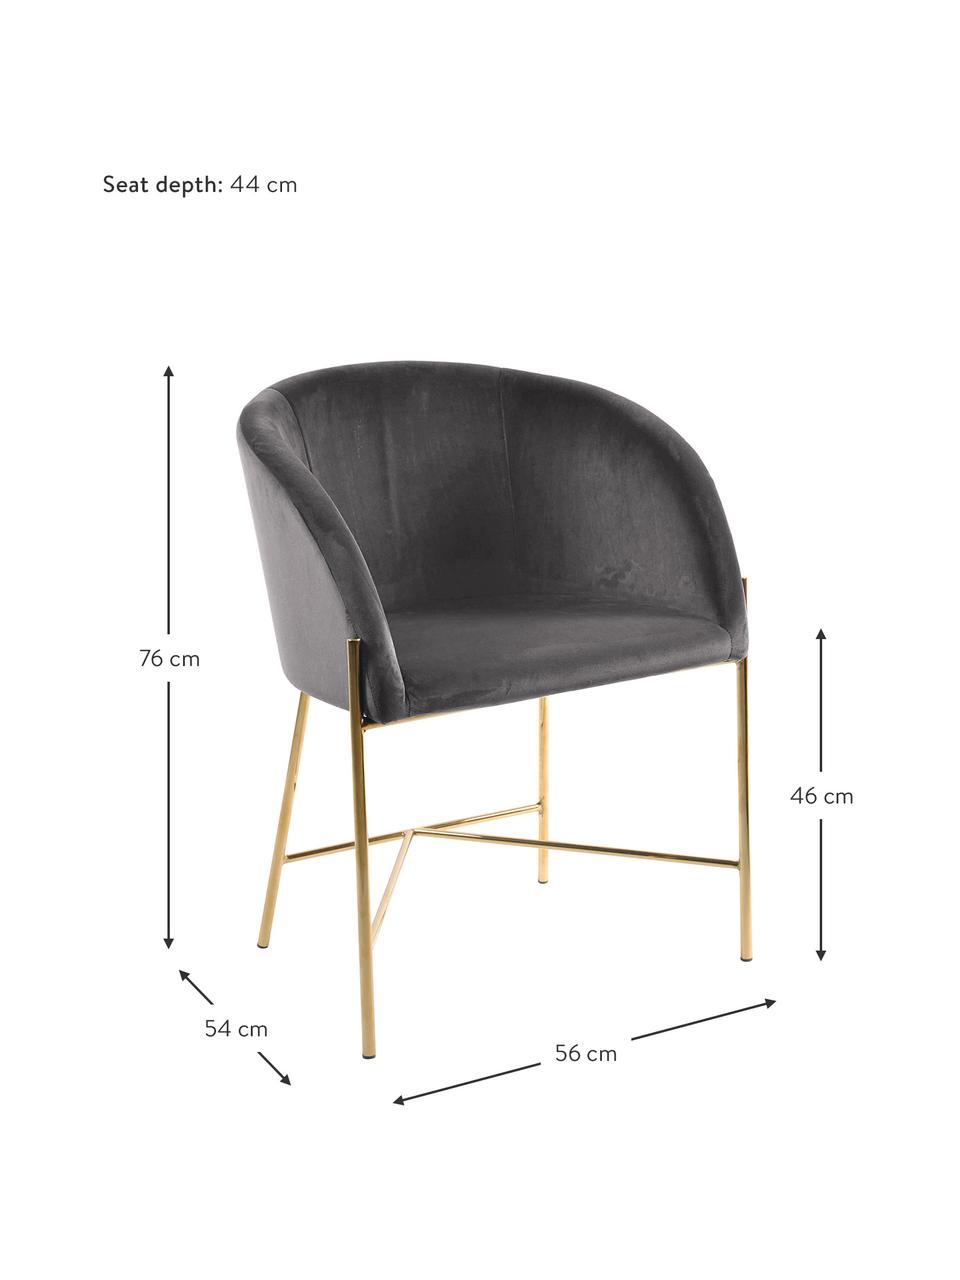 Samt-Polsterstuhl Nelson mit Armlehnen, Bezug: Polyestersamt Der hochwer, Beine: Metall, vermessingt, Samt Dunkelgrau, Beine Gold, B 56 x T 55 cm